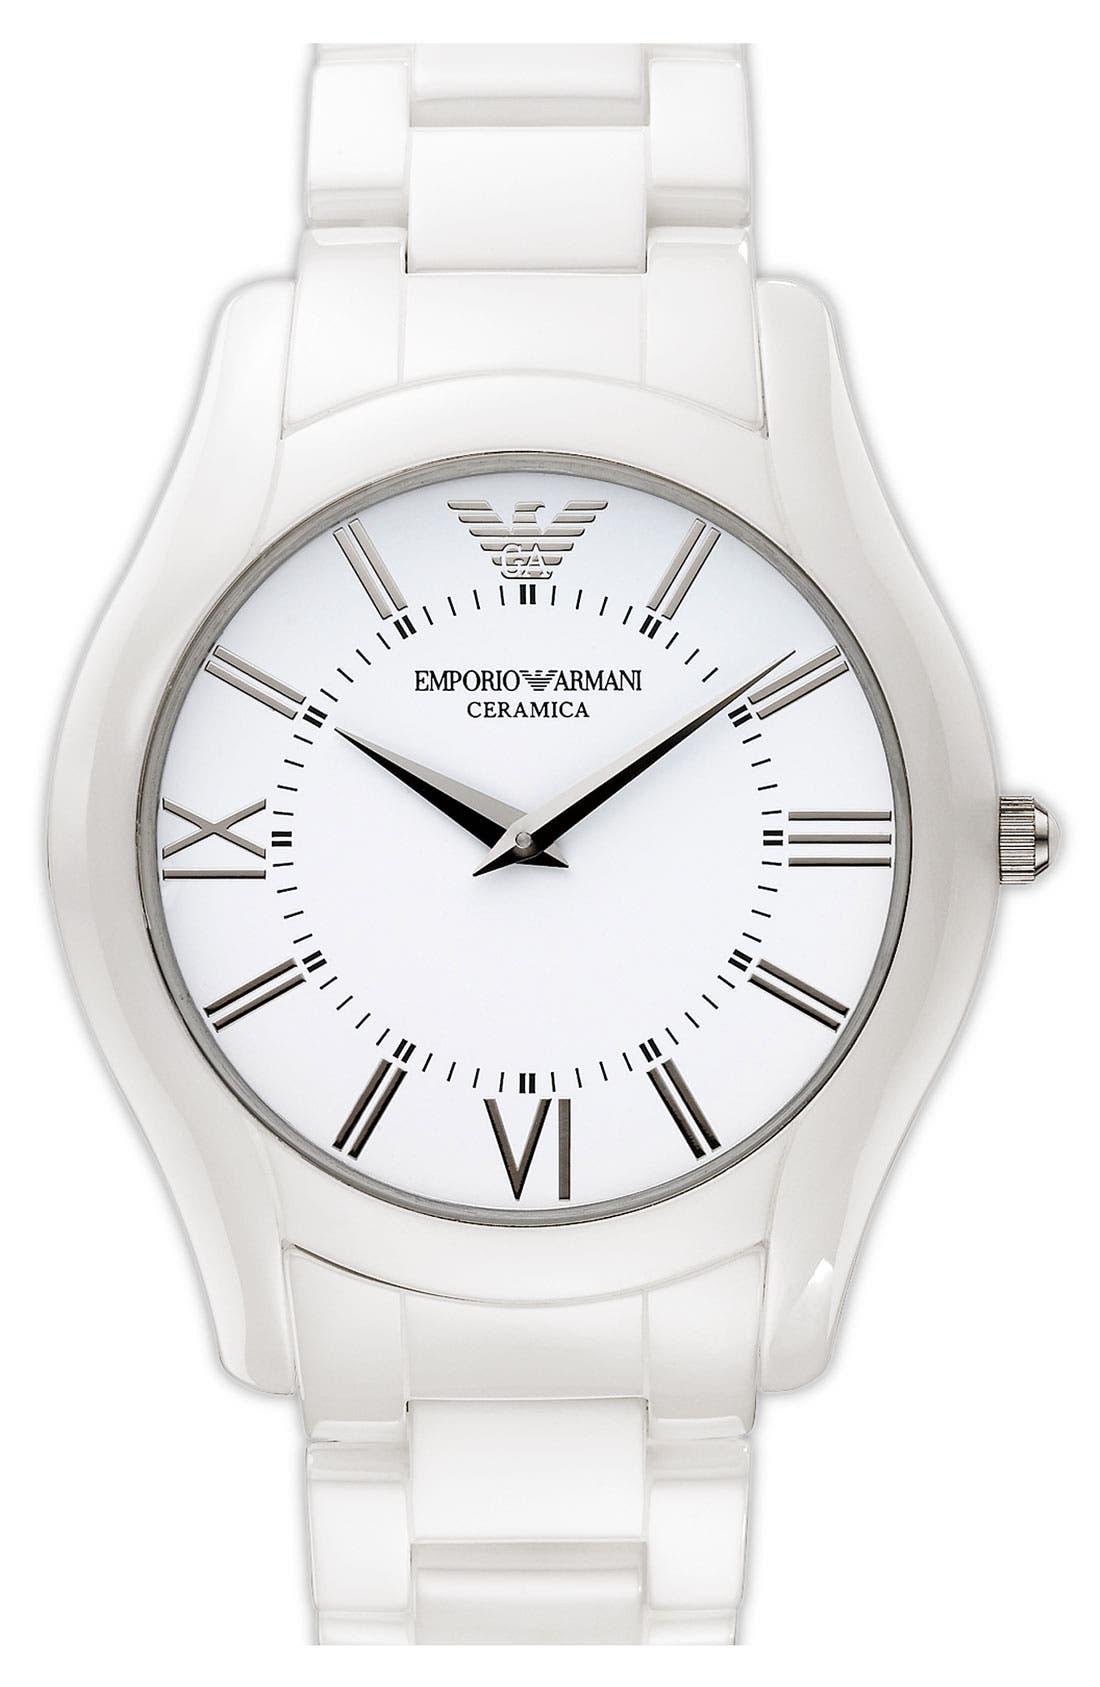 Main Image - Emporio Armani Large Round Ceramic Watch